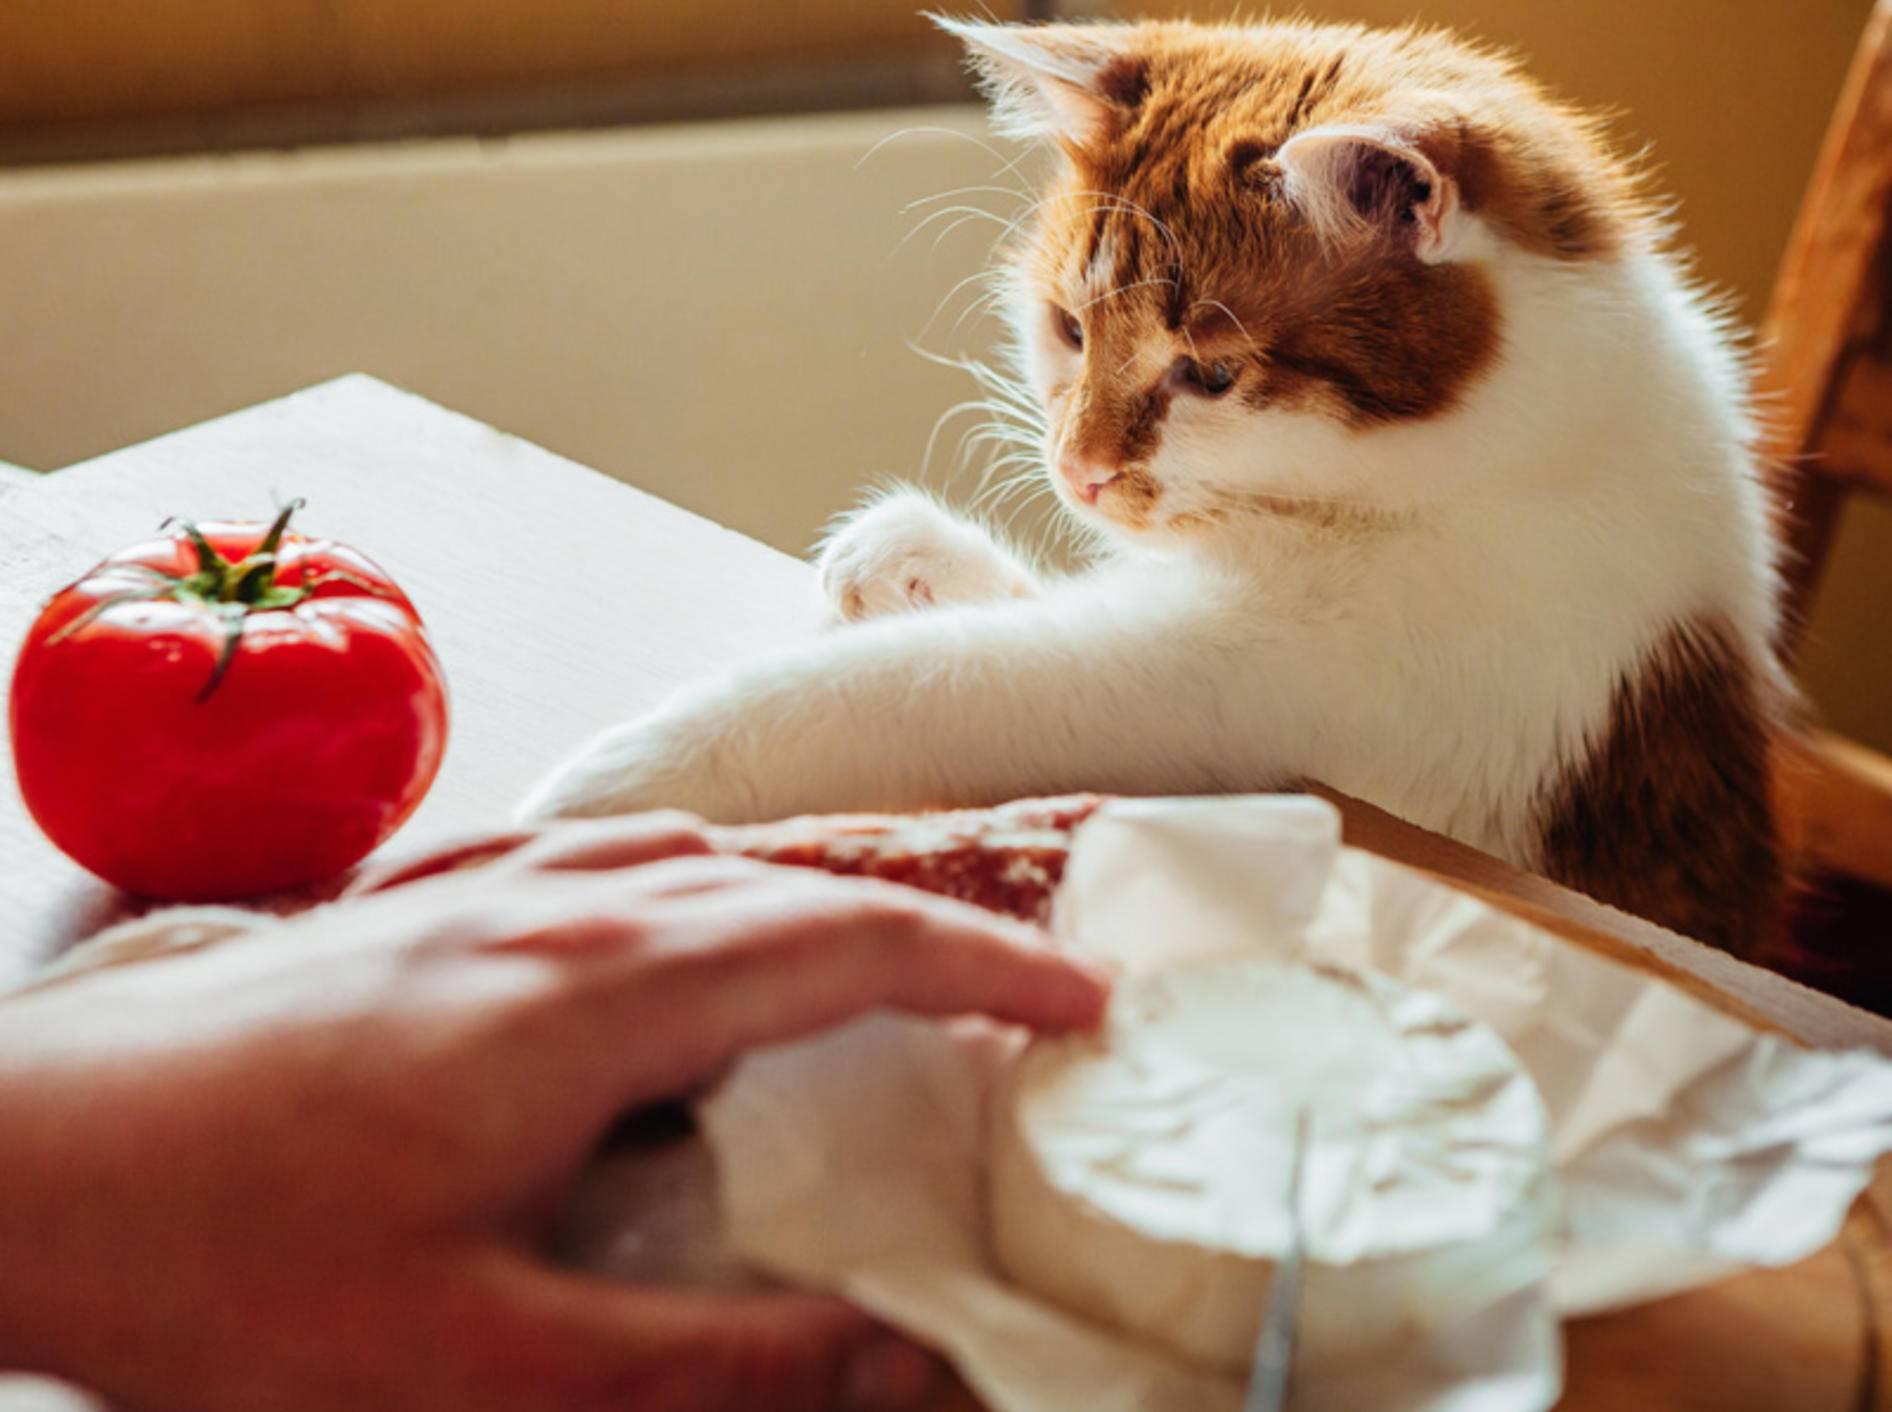 Nur mal gucken! Katzen in der Küche haben immer was zu entdecken — Bild: Shutterstock / Yuliia Balanenko